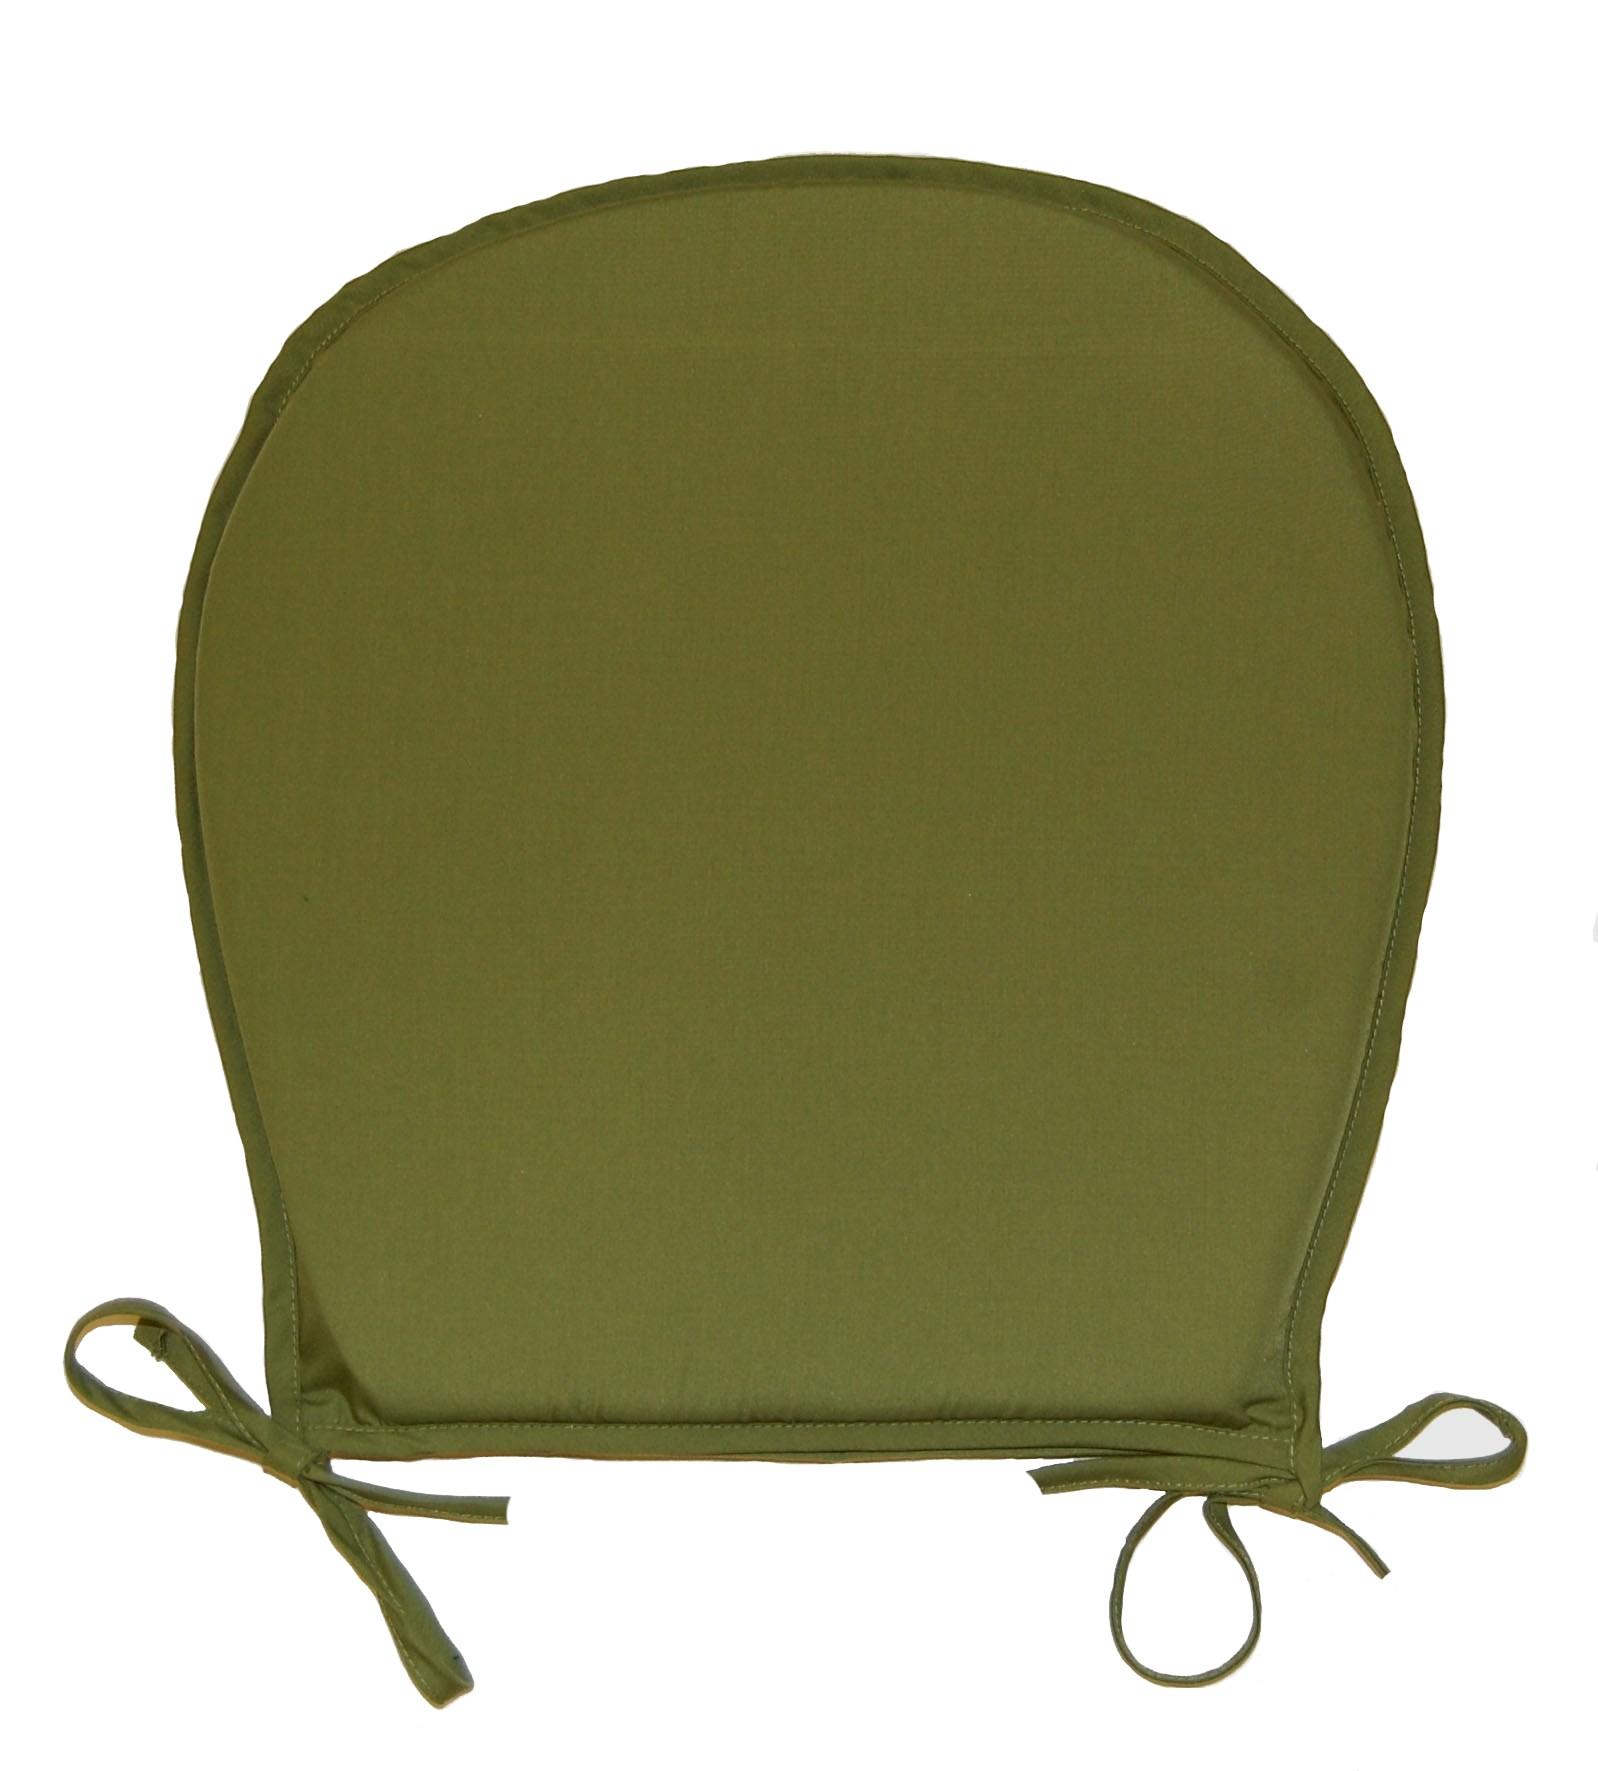 罎笆篏 kitchen chairs openly kitchen chair cushions outdoor patio